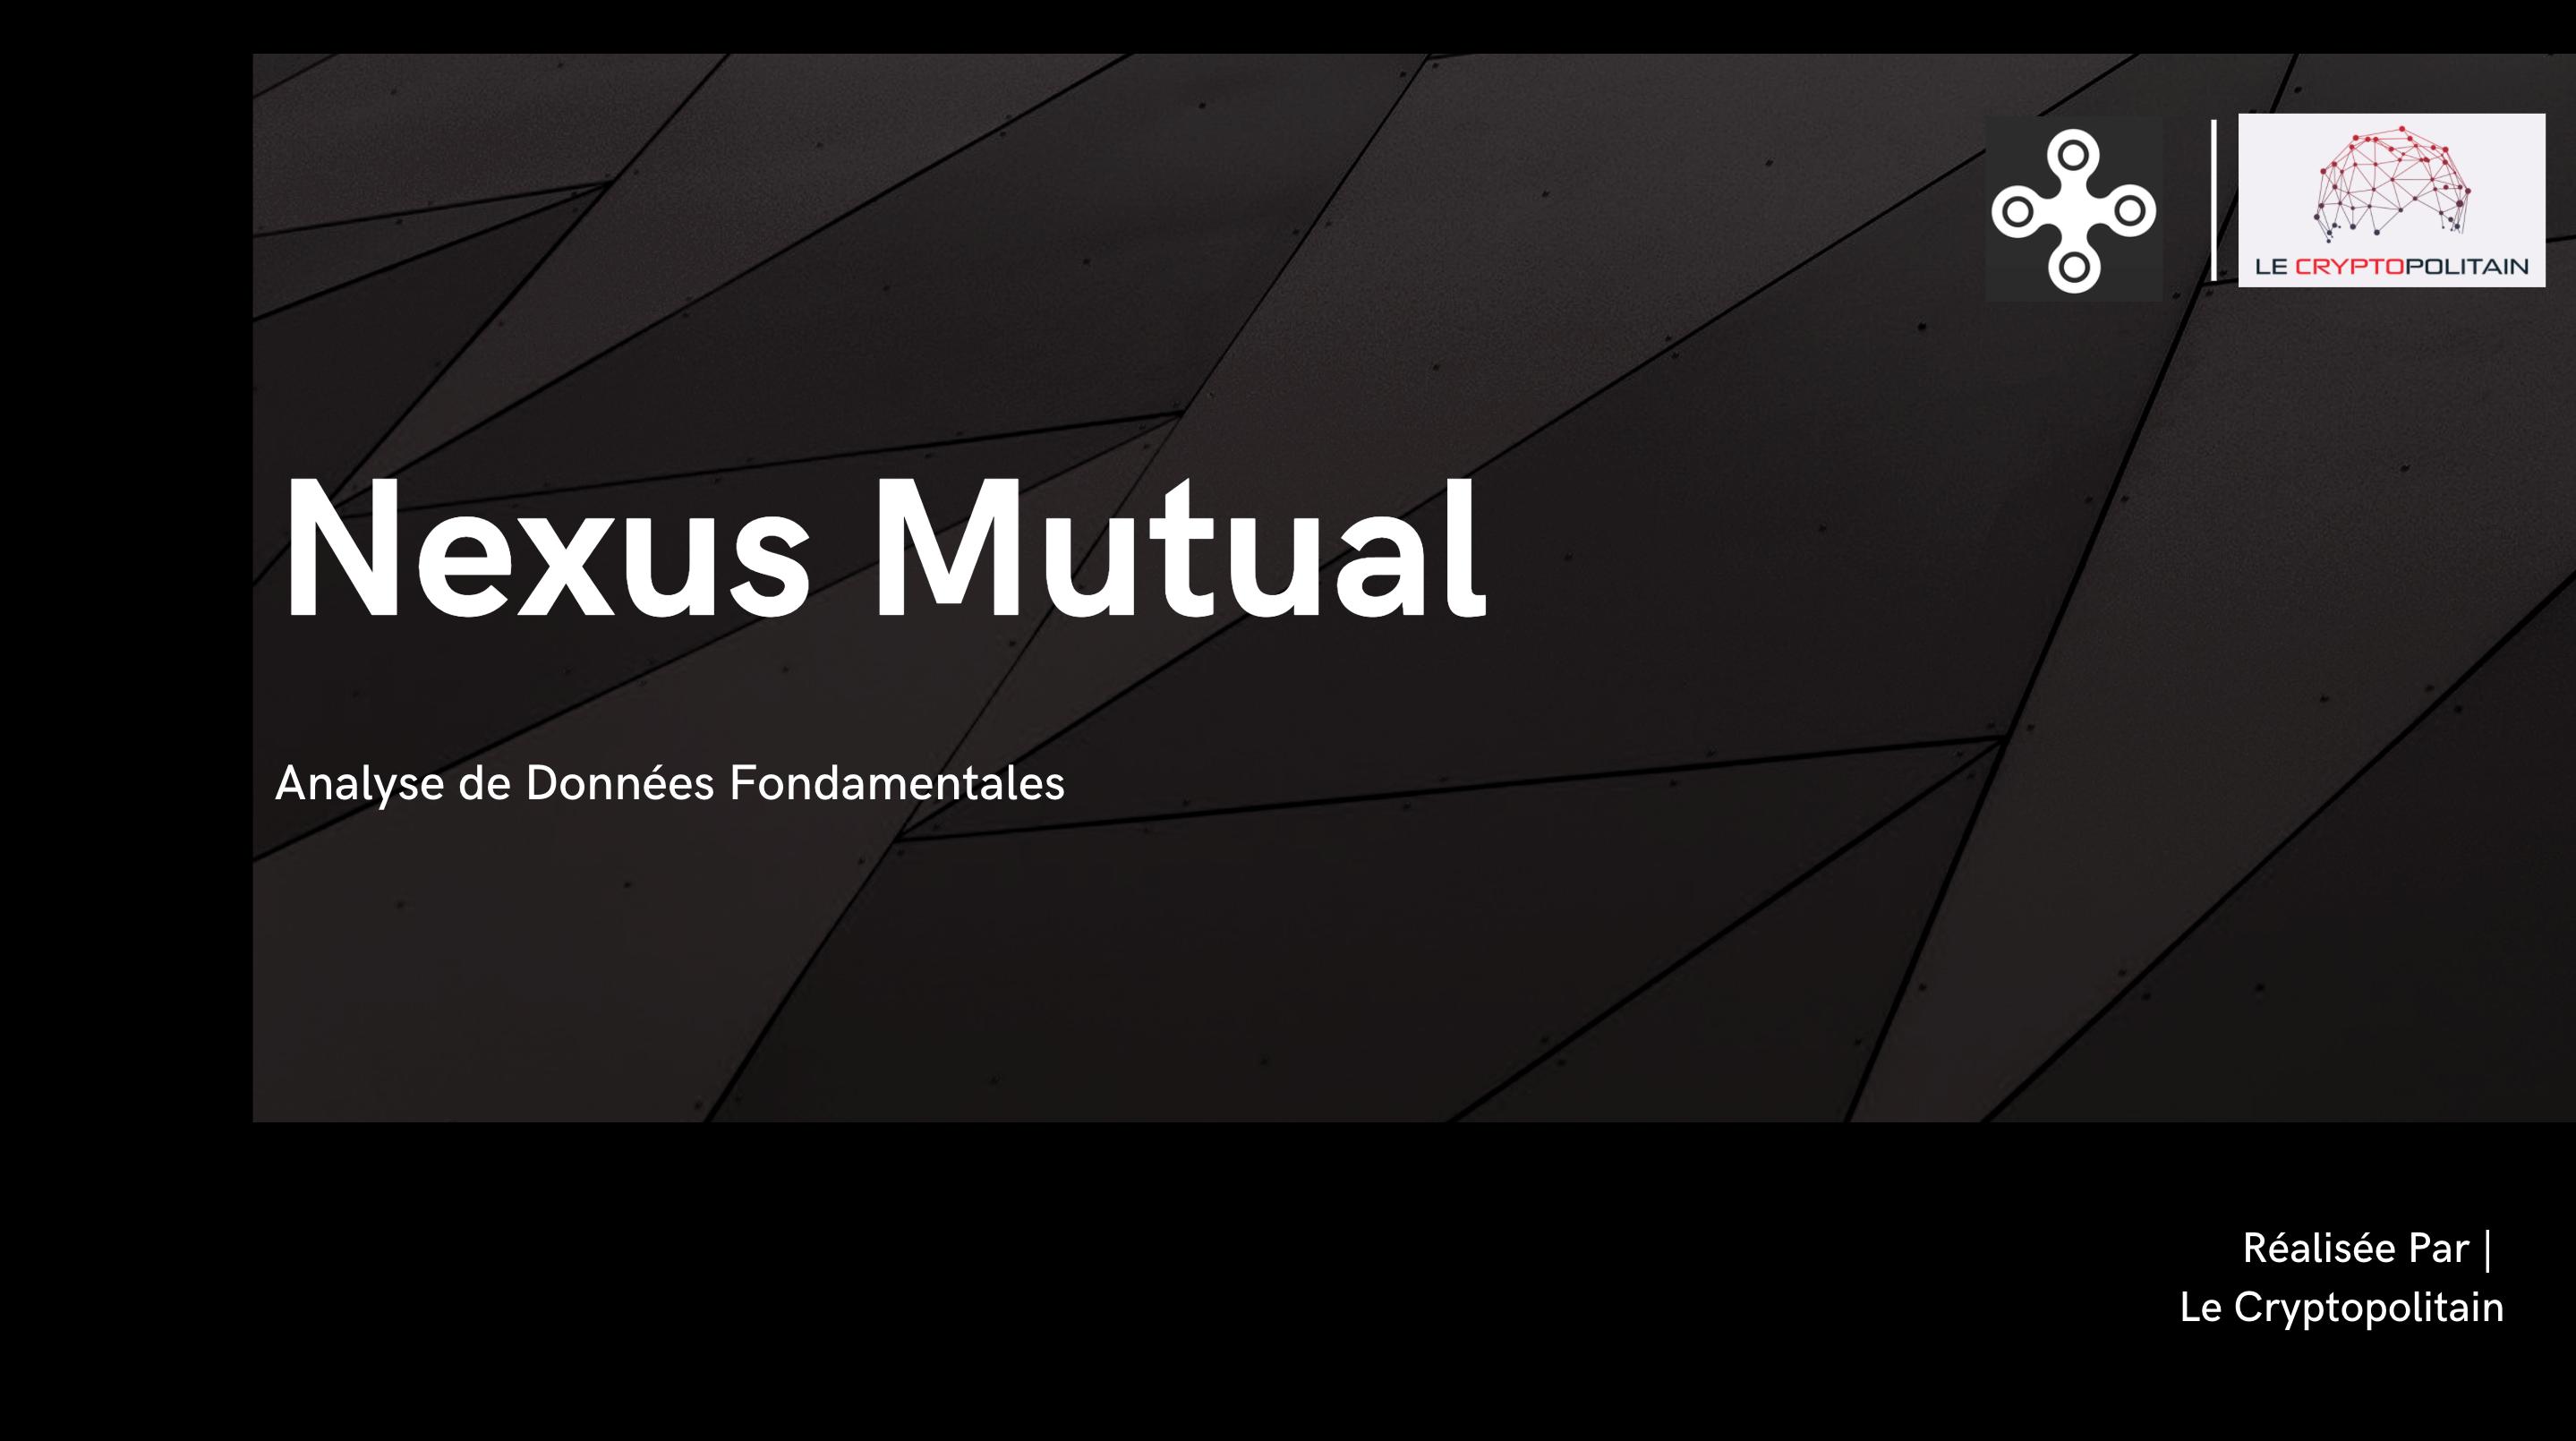 Analyse fondamentale Nexus Mutual